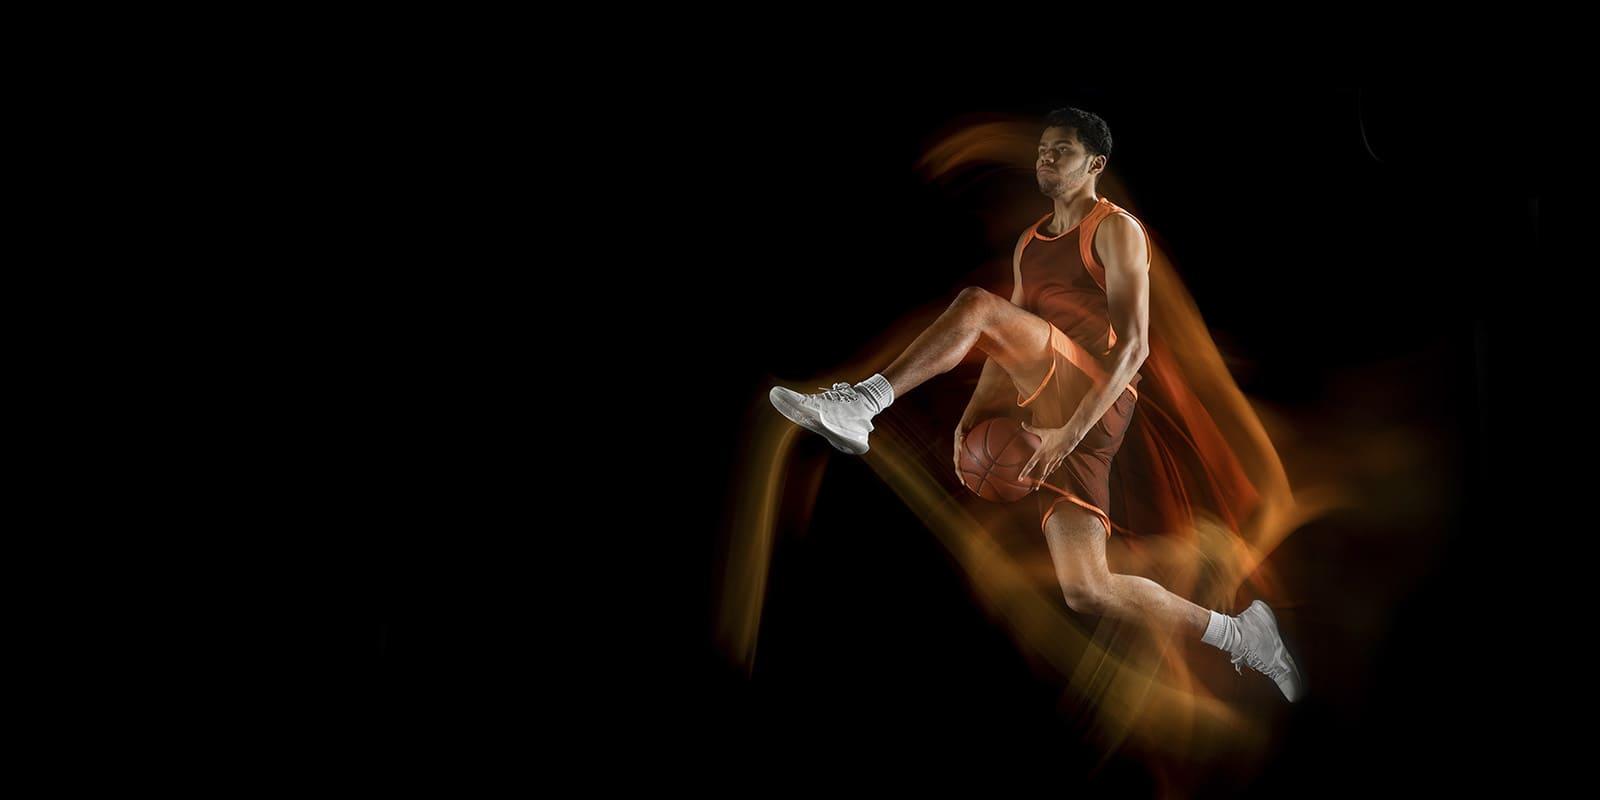 jogador-basquete